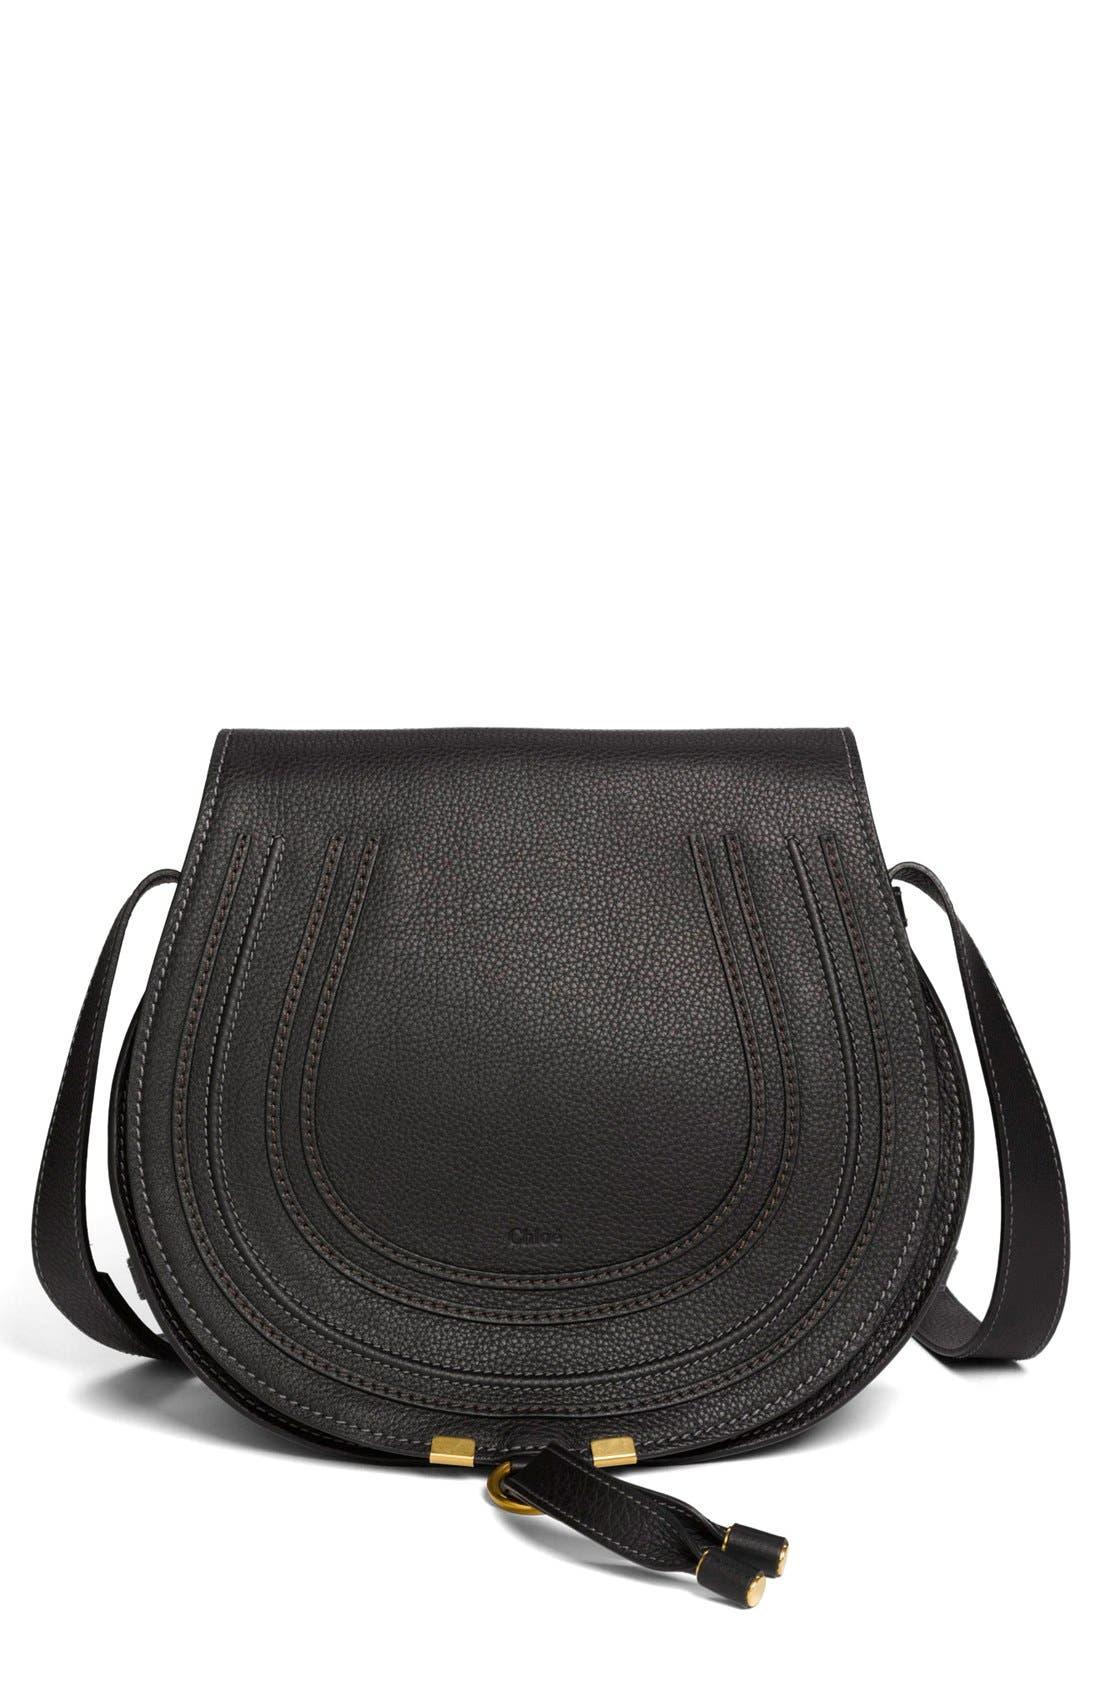 Marcie - Medium' Leather Crossbody Bag